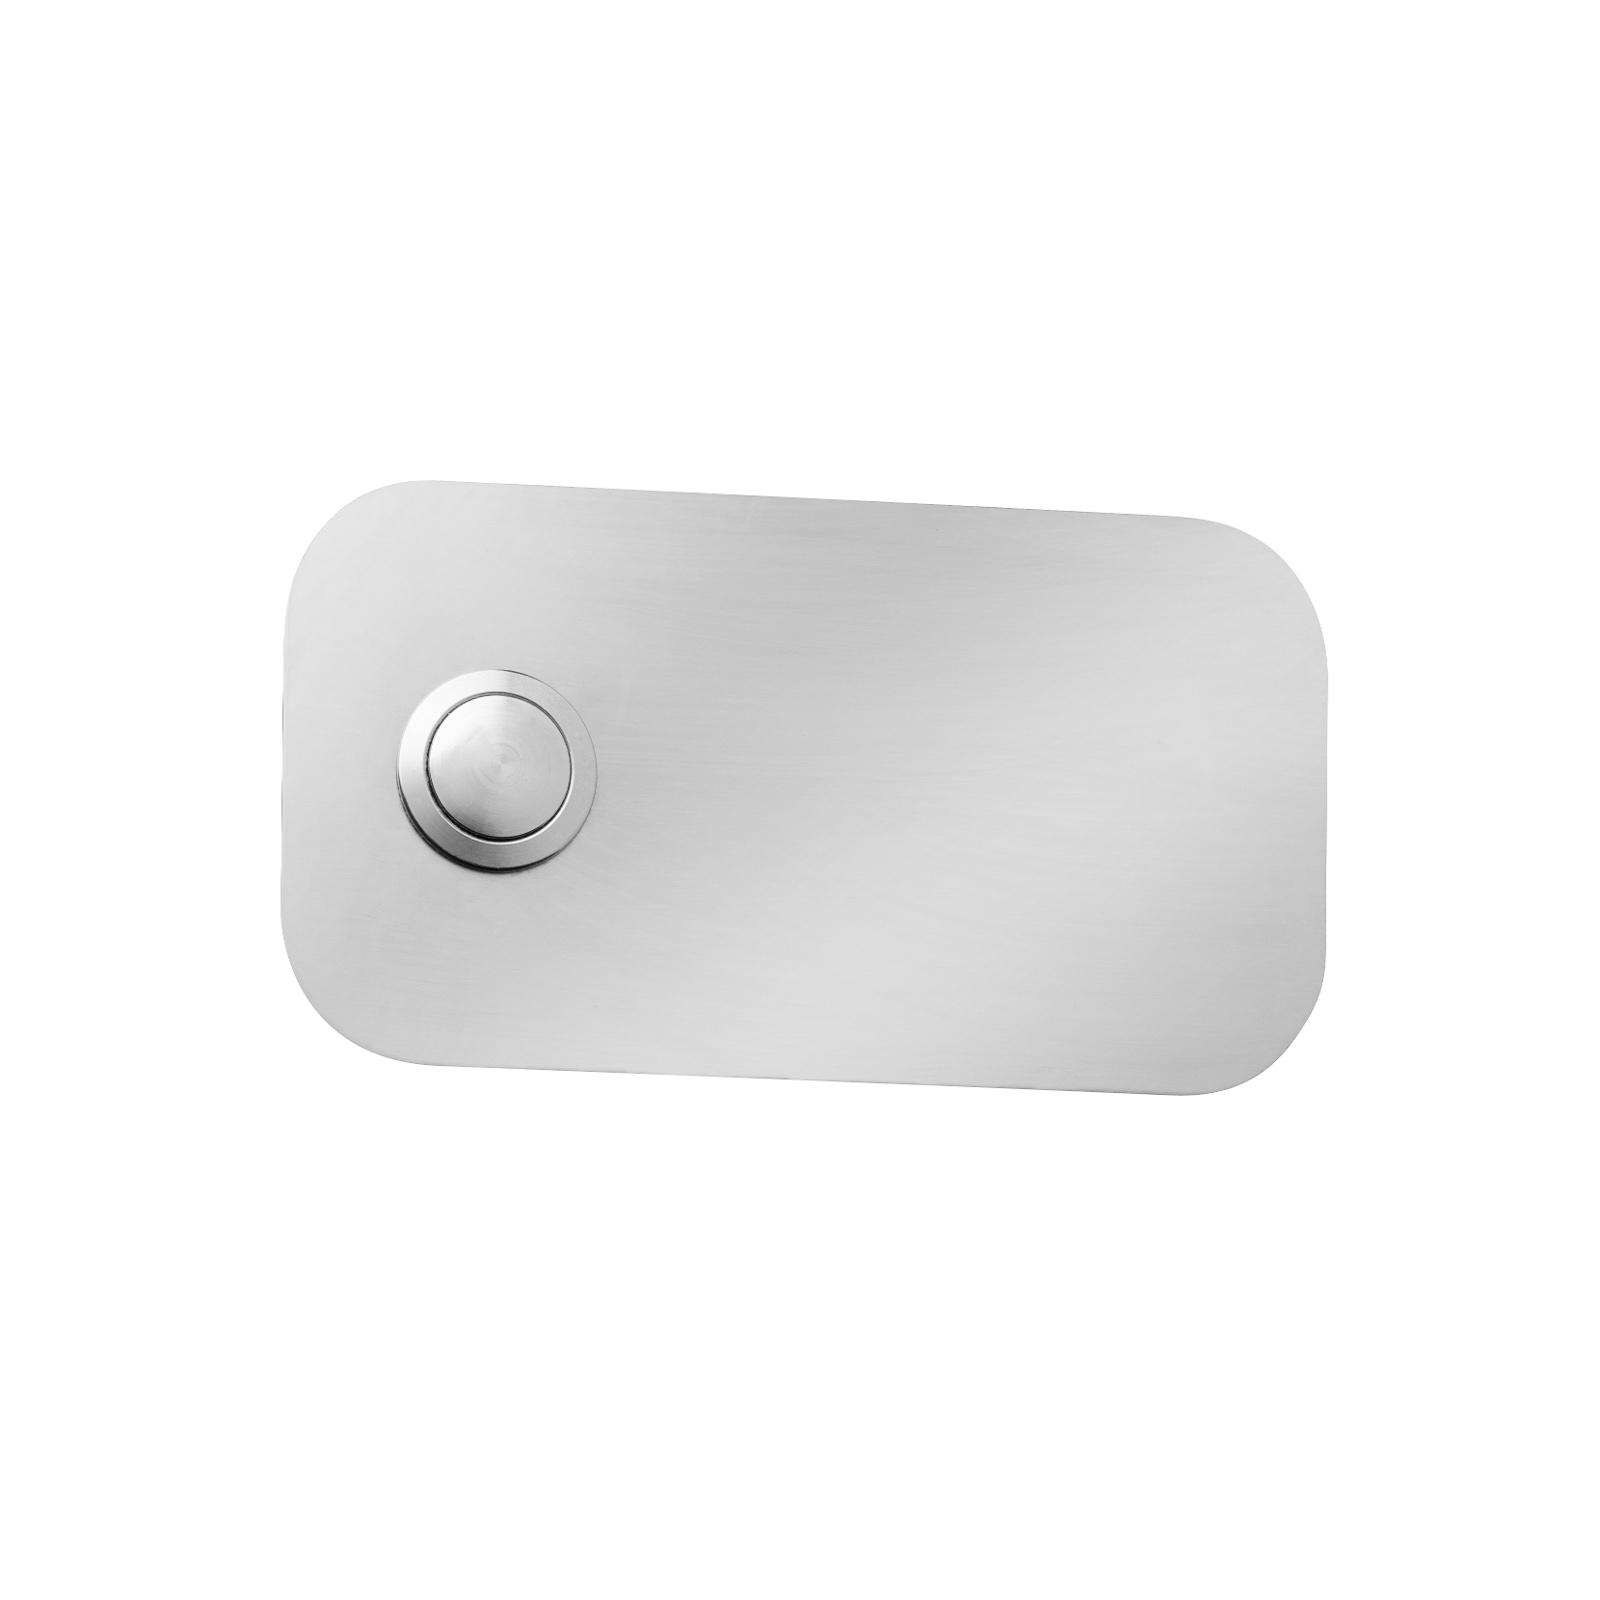 Suorakulmainen ovikellolaatta, ruostumaton teräs